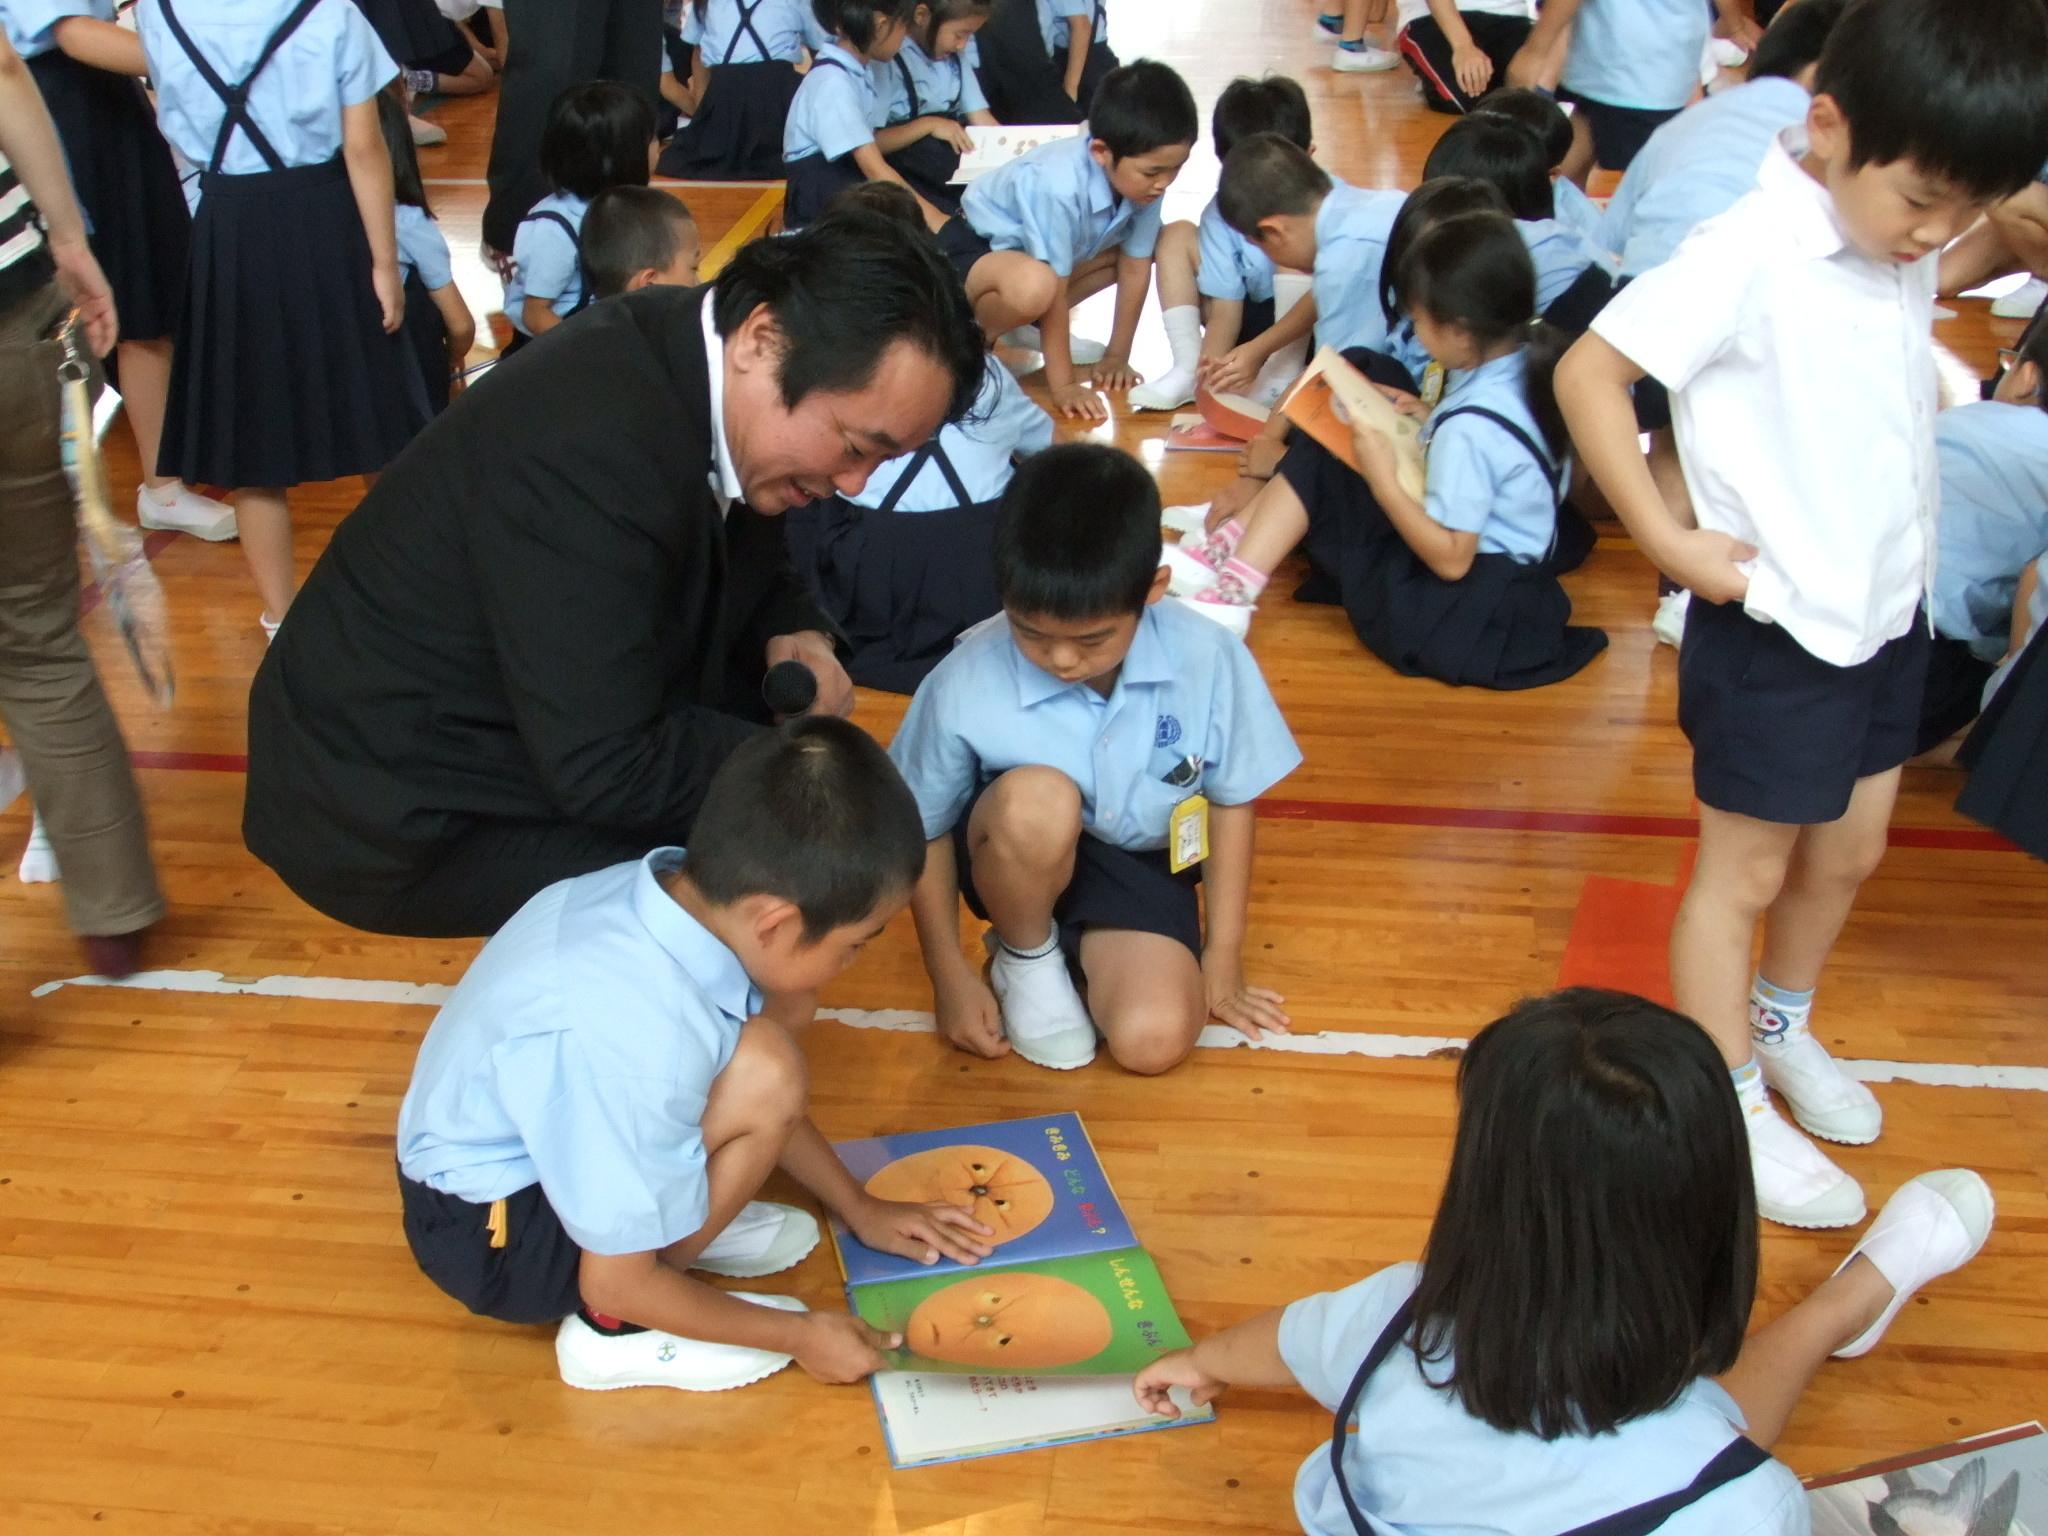 鹿児島県さつま町立盈進小学校へ絵本を寄付 愛知県の社団法人より絵本と情報モラル授業のプレゼント